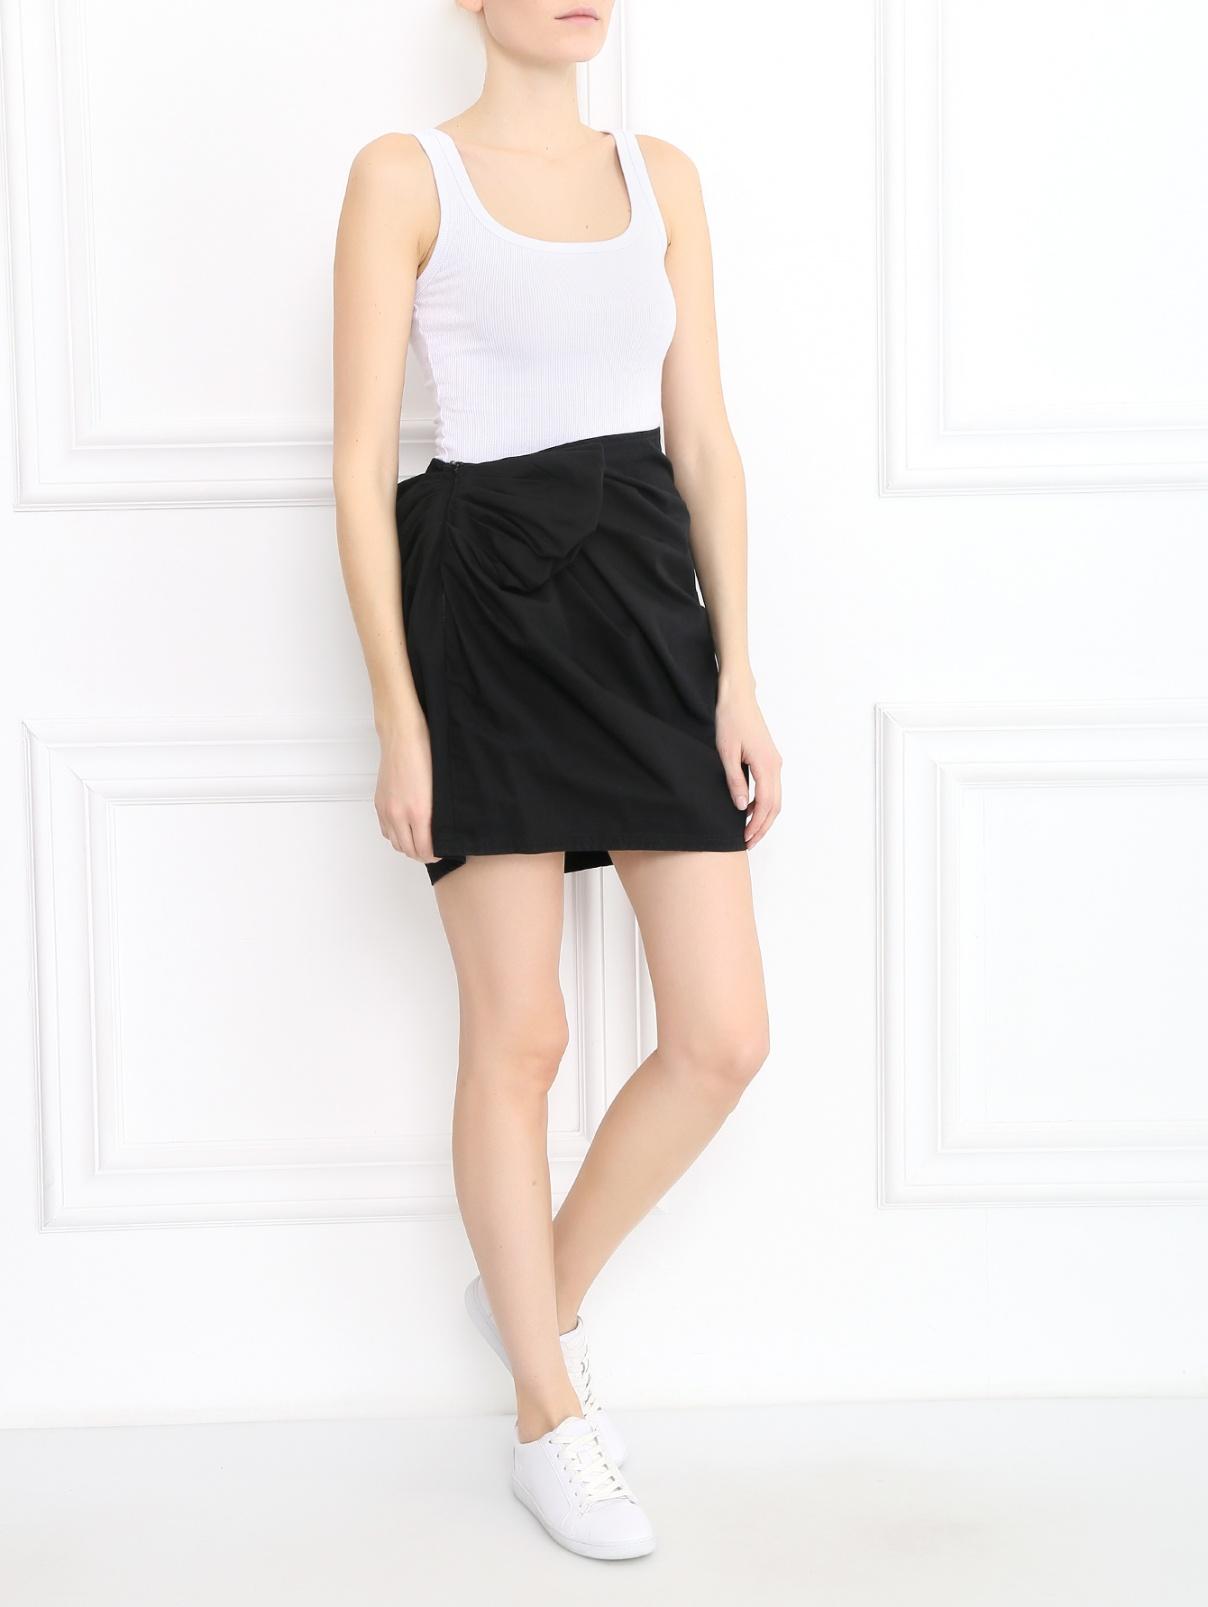 Юбка-мини из хлопка с драпировкой Lanvin  –  Модель Общий вид  – Цвет:  Черный